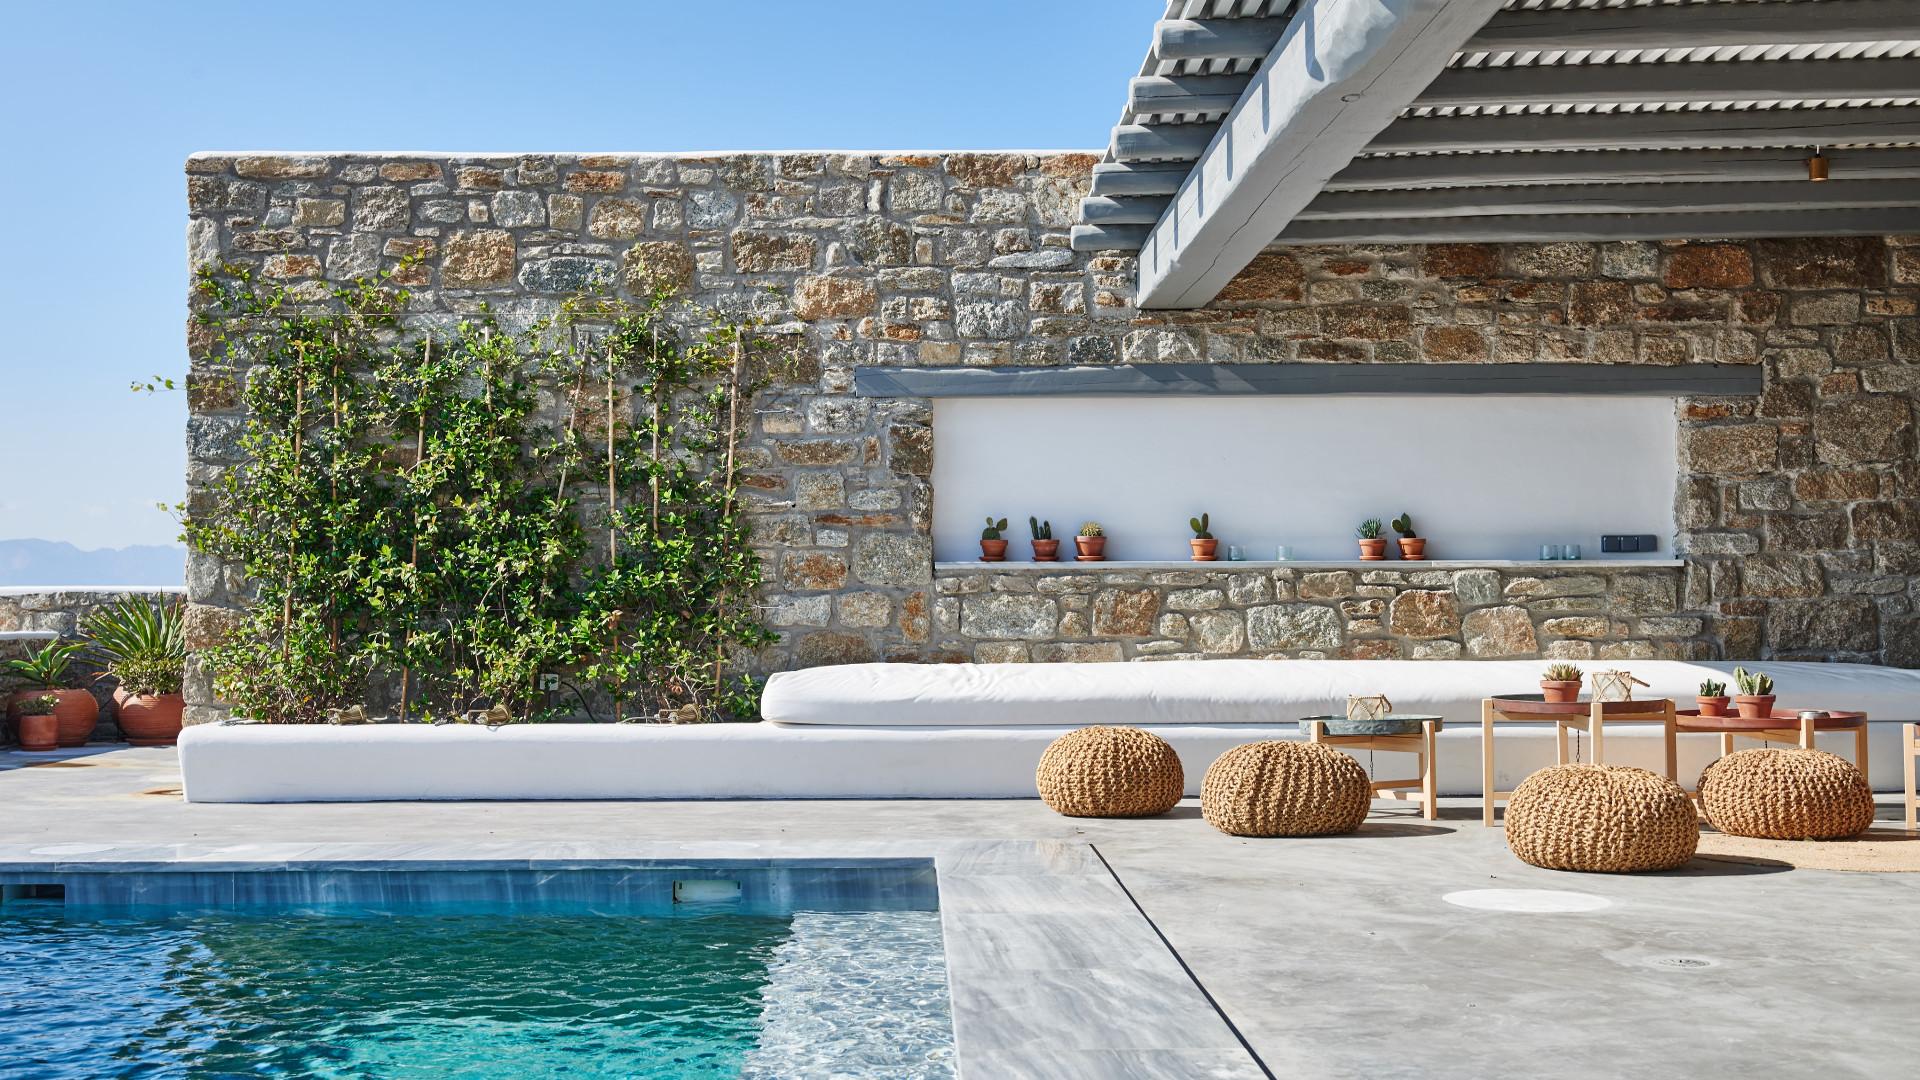 Location de villas de luxe en gr ce Villa de luxe design